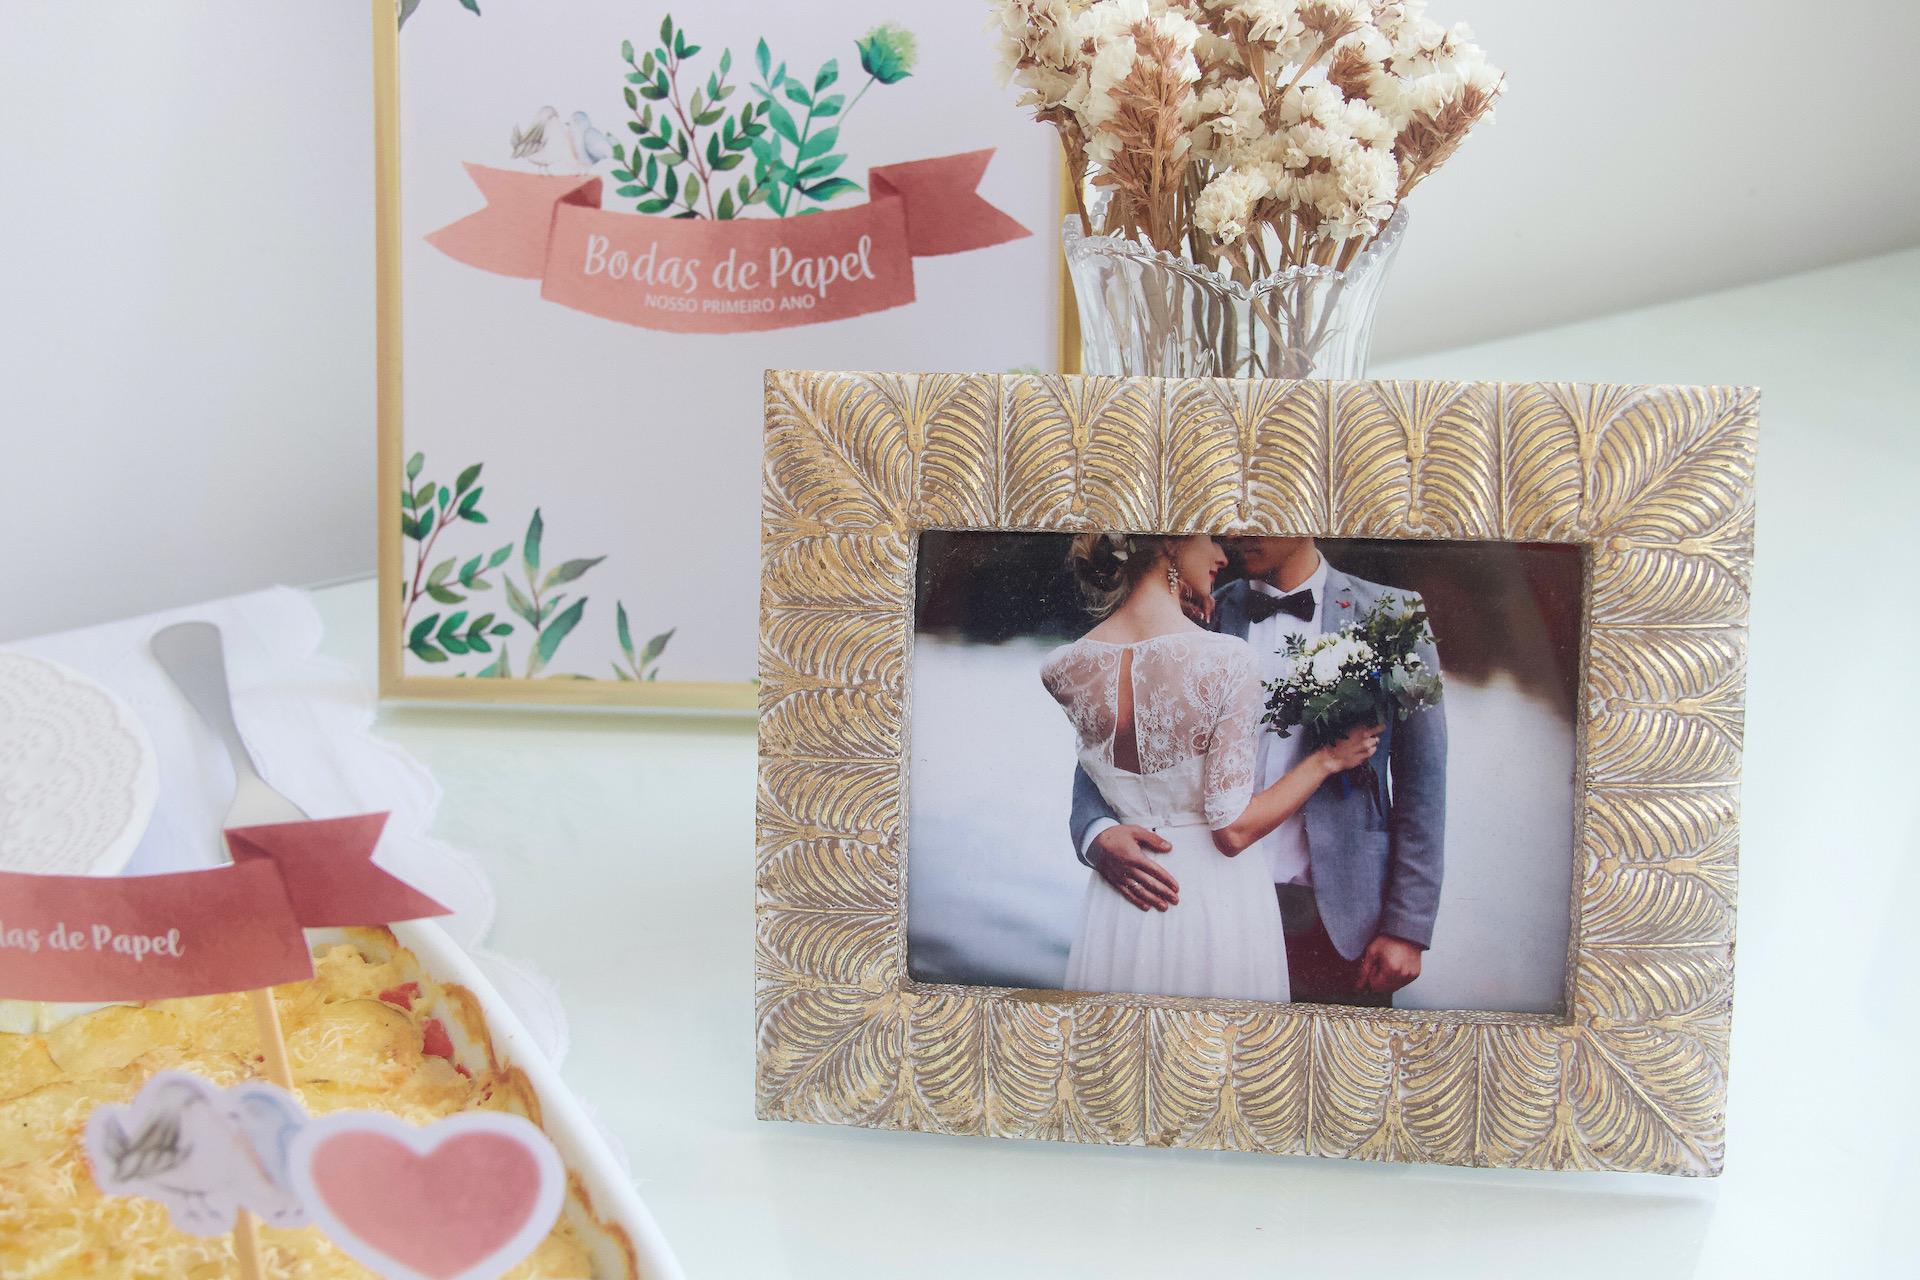 bodas de papel decoração